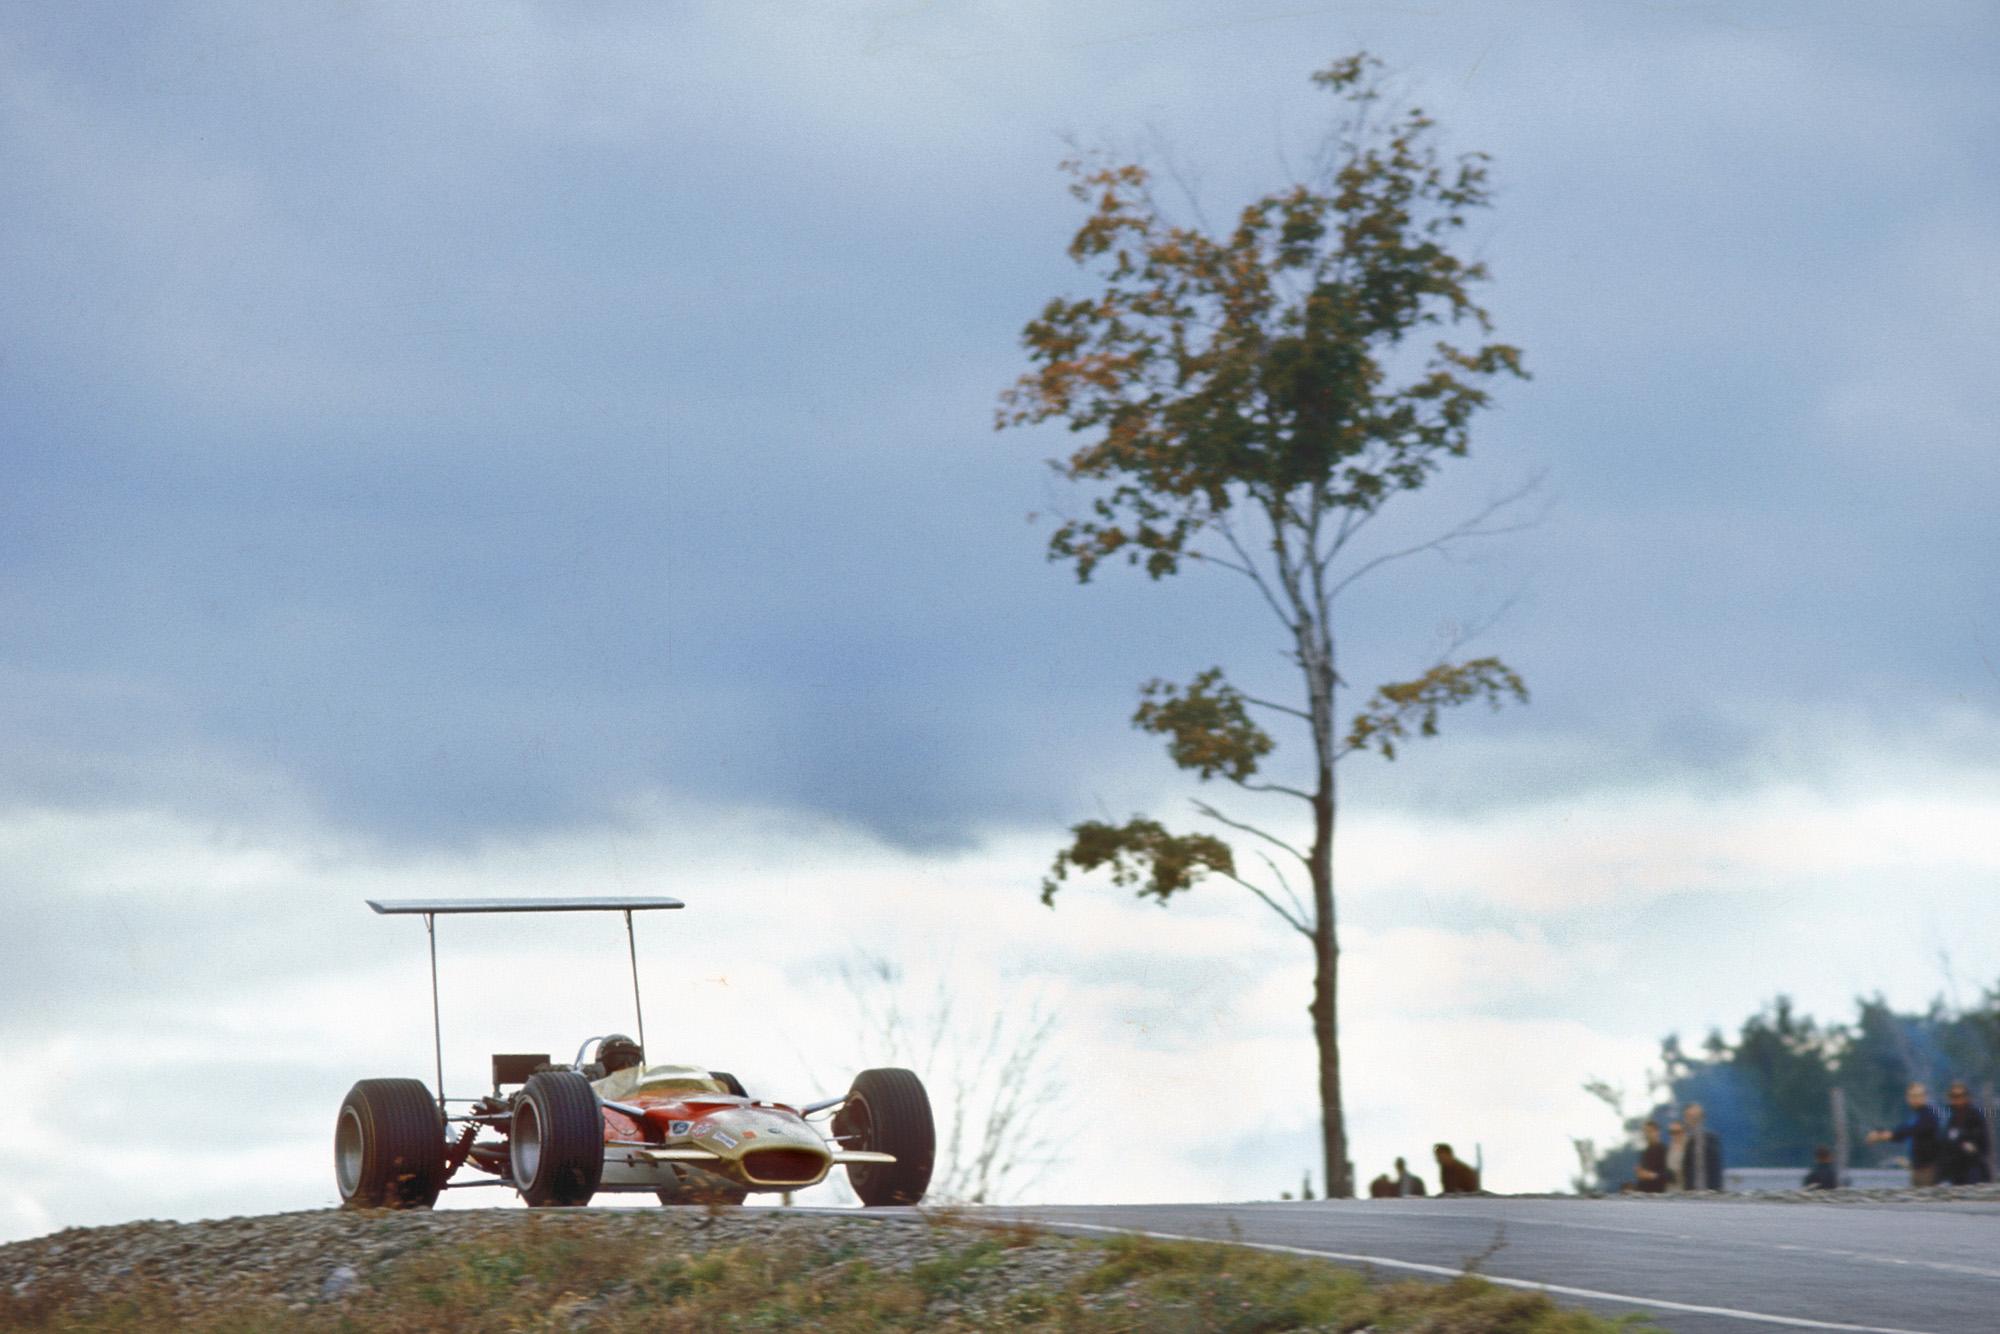 MPH Grand Prix debuts: the sensational arrival of Mario Andretti